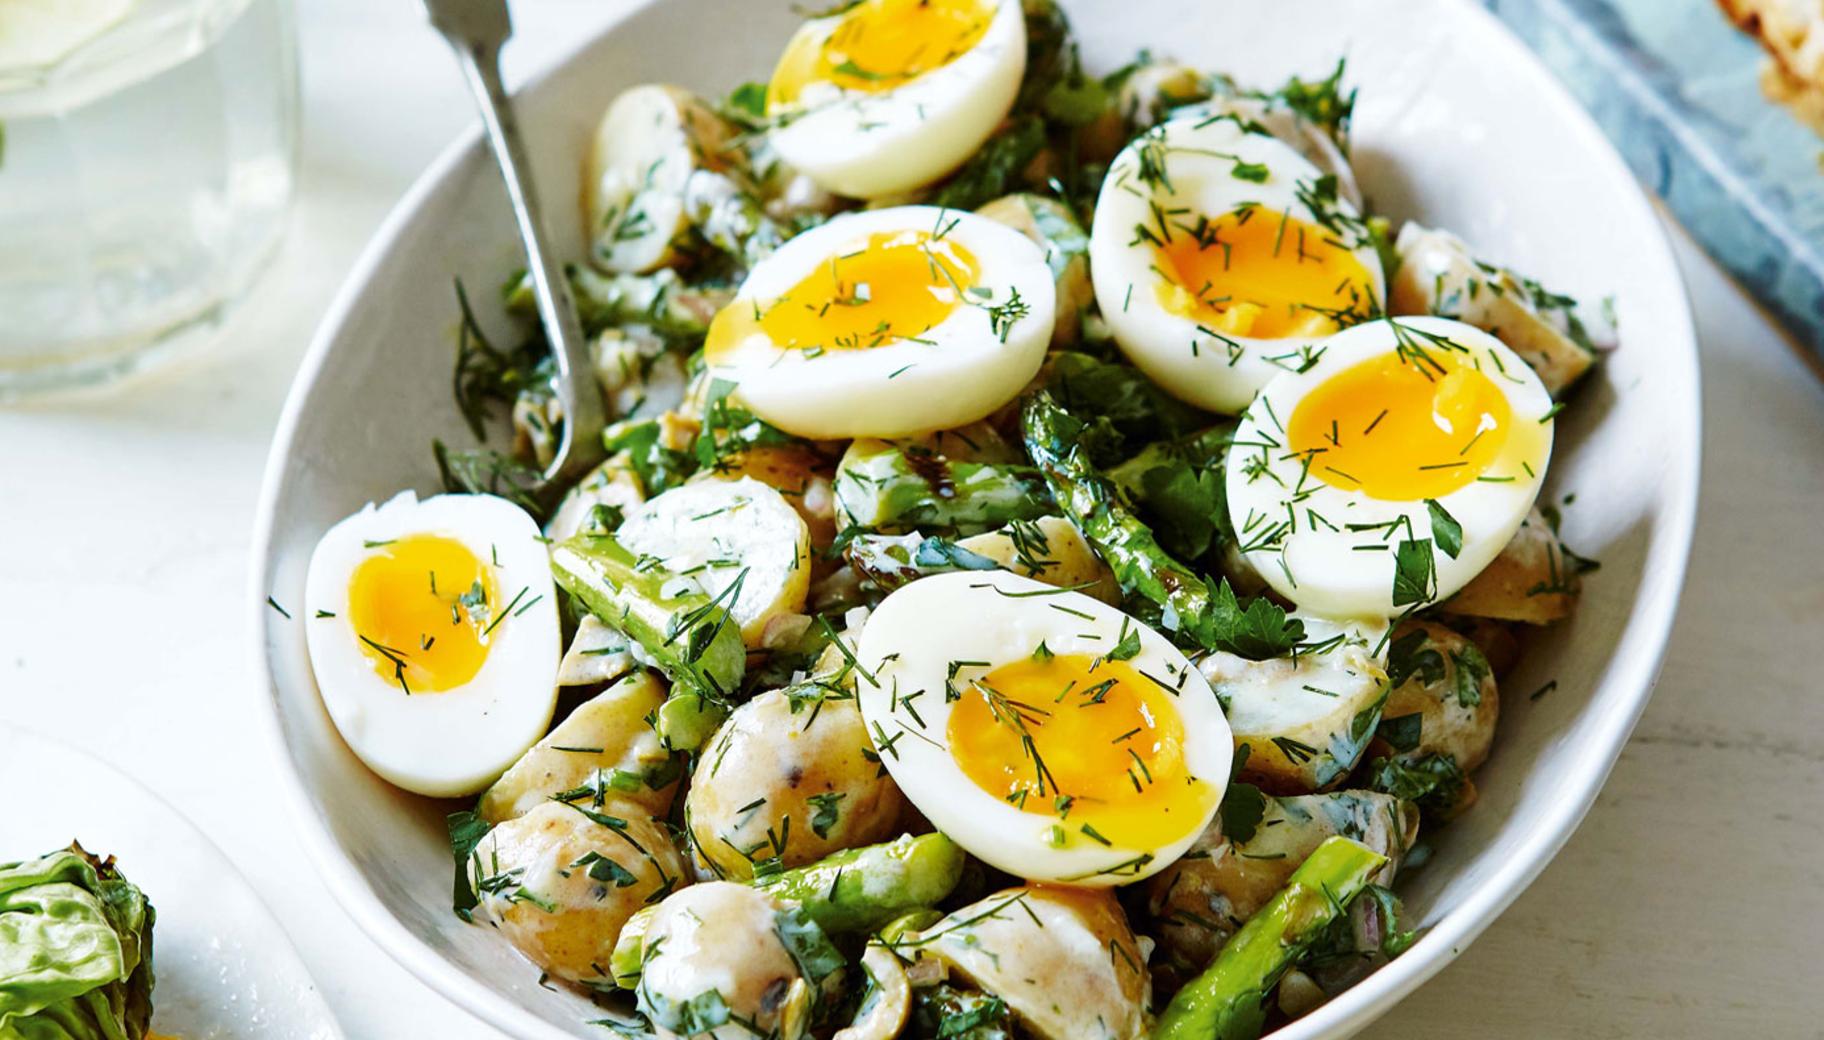 ideas de recetas faciles y rapidas para cenar en fotos, ensalada super rica con patatas y huevos, platos saludables